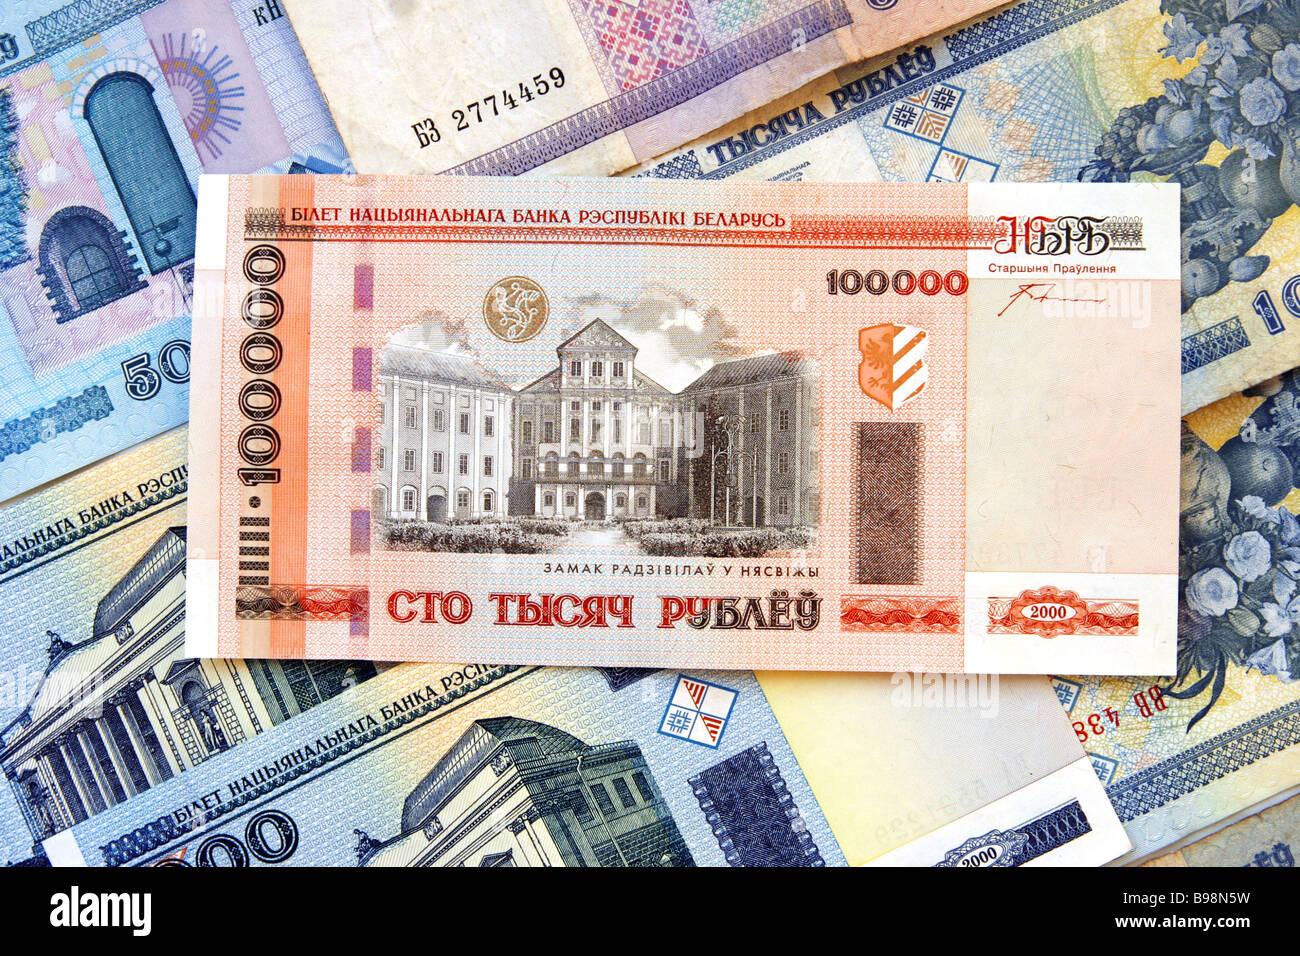 Las unidades monetarias de la República de Belarús cien mil Rublos Bielorrusos Foto de stock